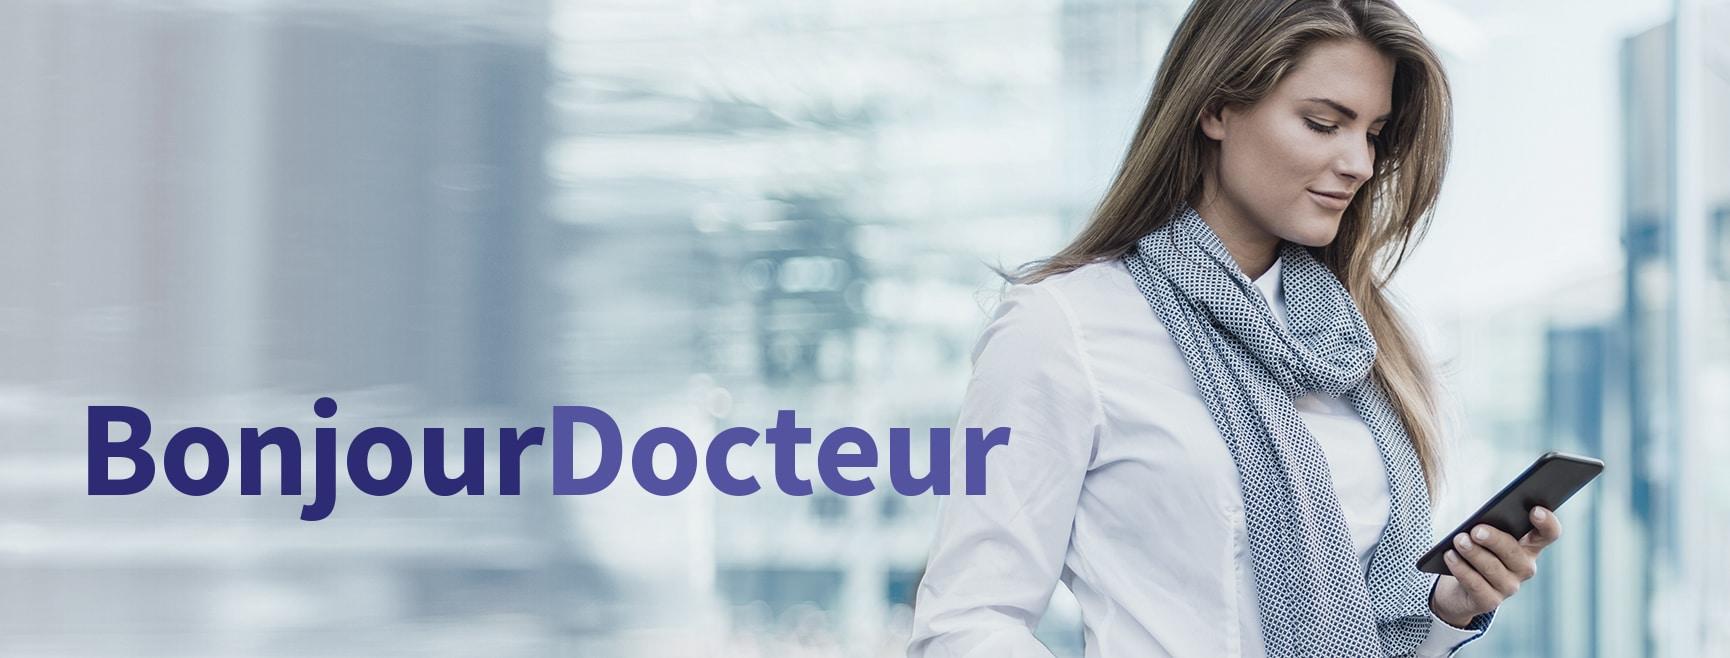 AXA BONJOUR DOCTEUR Bandeau Visuel